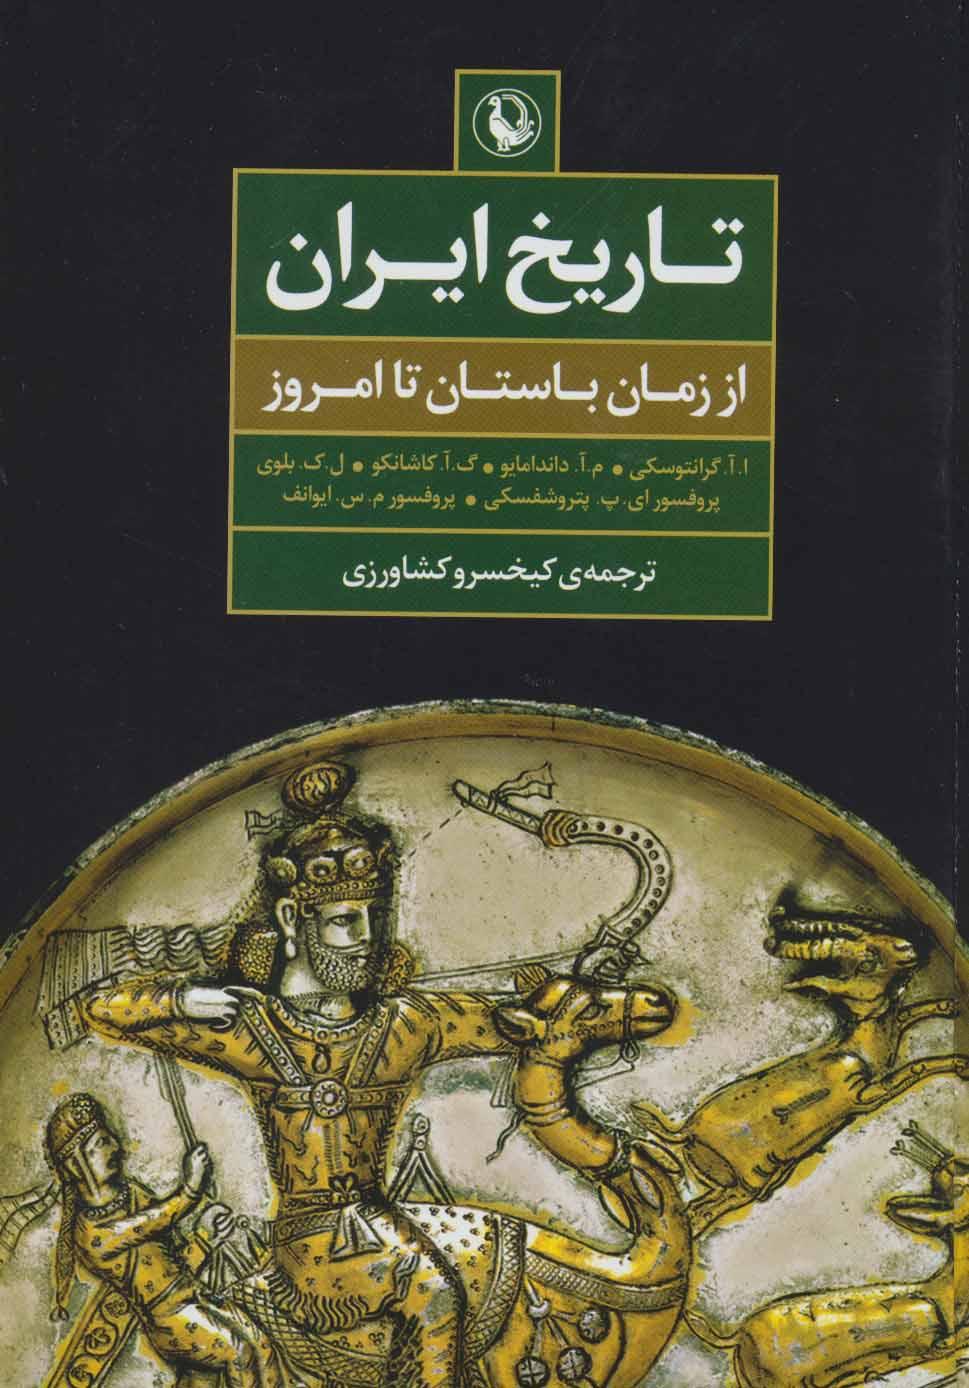 کتاب تاریخ ایران: از زمان باستان تا امروز